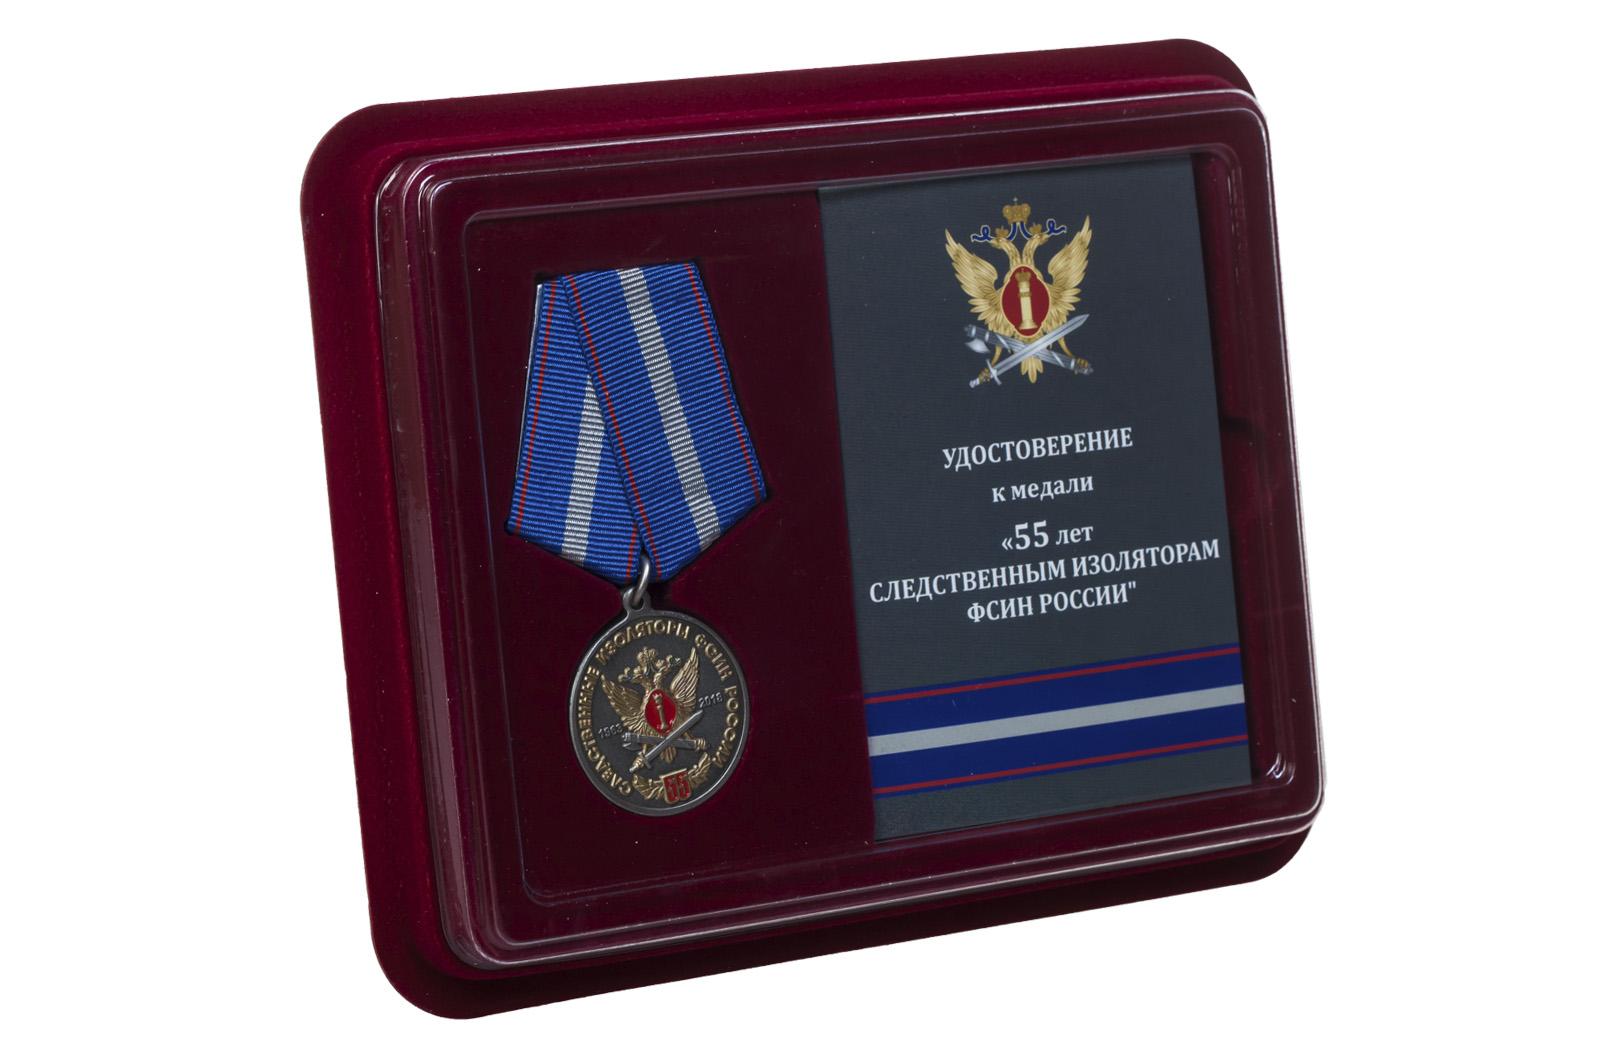 Купить памятную медаль 55 лет Следственным изоляторам ФСИН России с доставкой или самовывозом